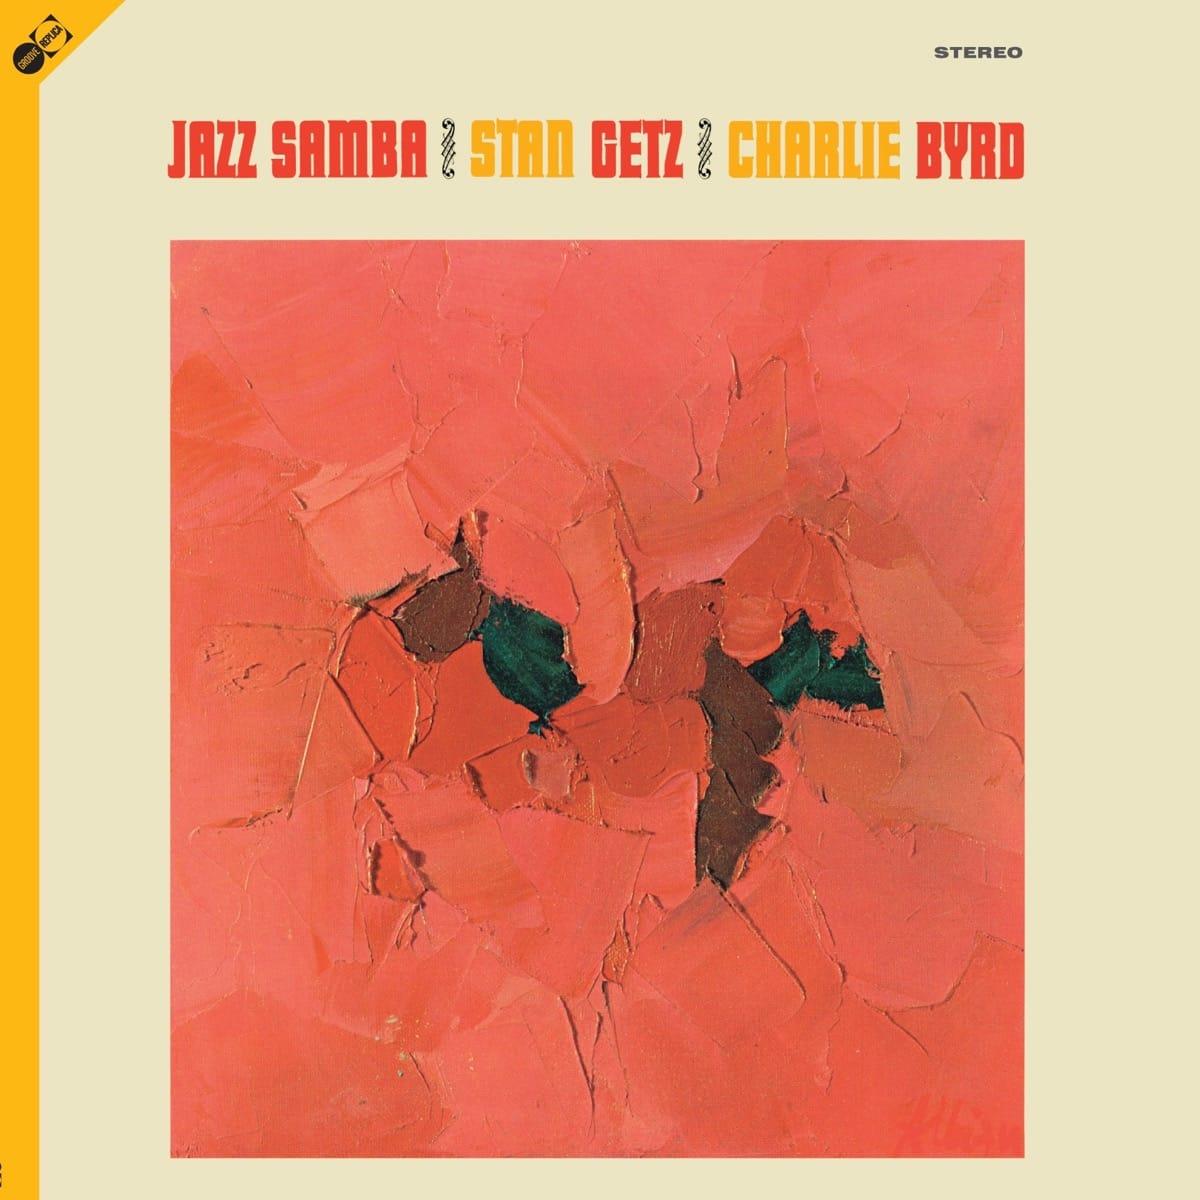 Stan Getz, Charlie Byrd: Jazz Samba | Jazz Journal